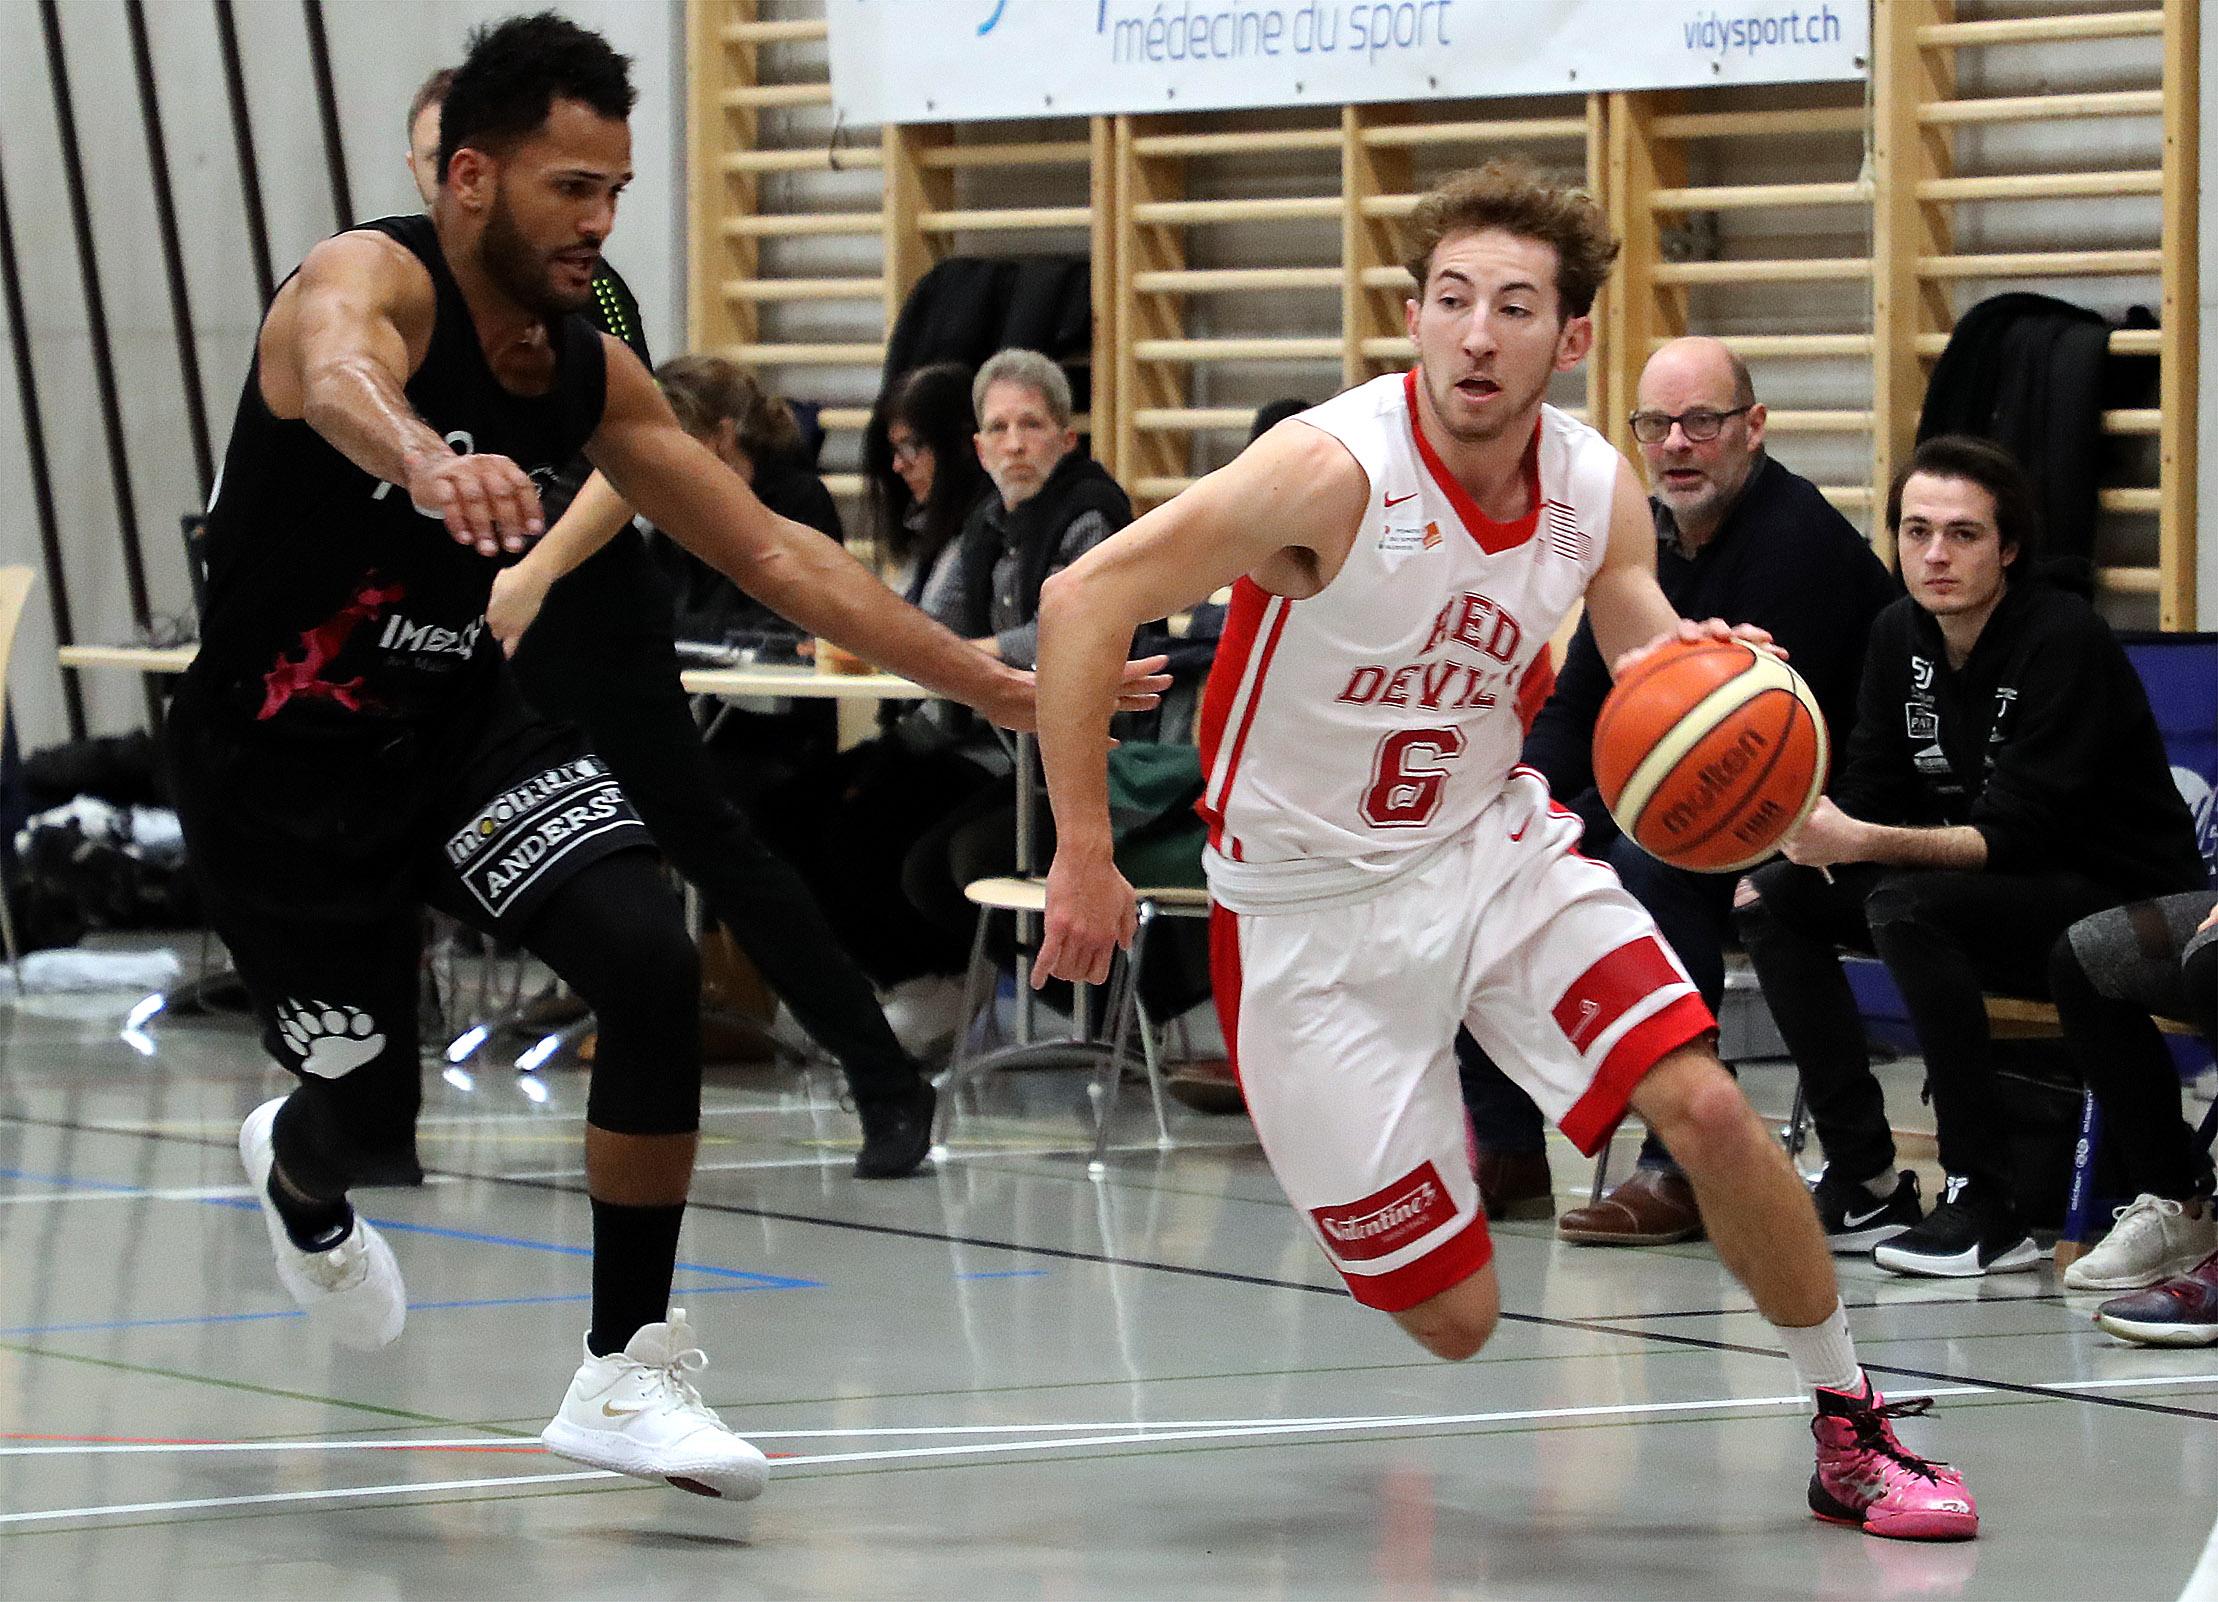 Le Red Devils Basket prend la balle au bond